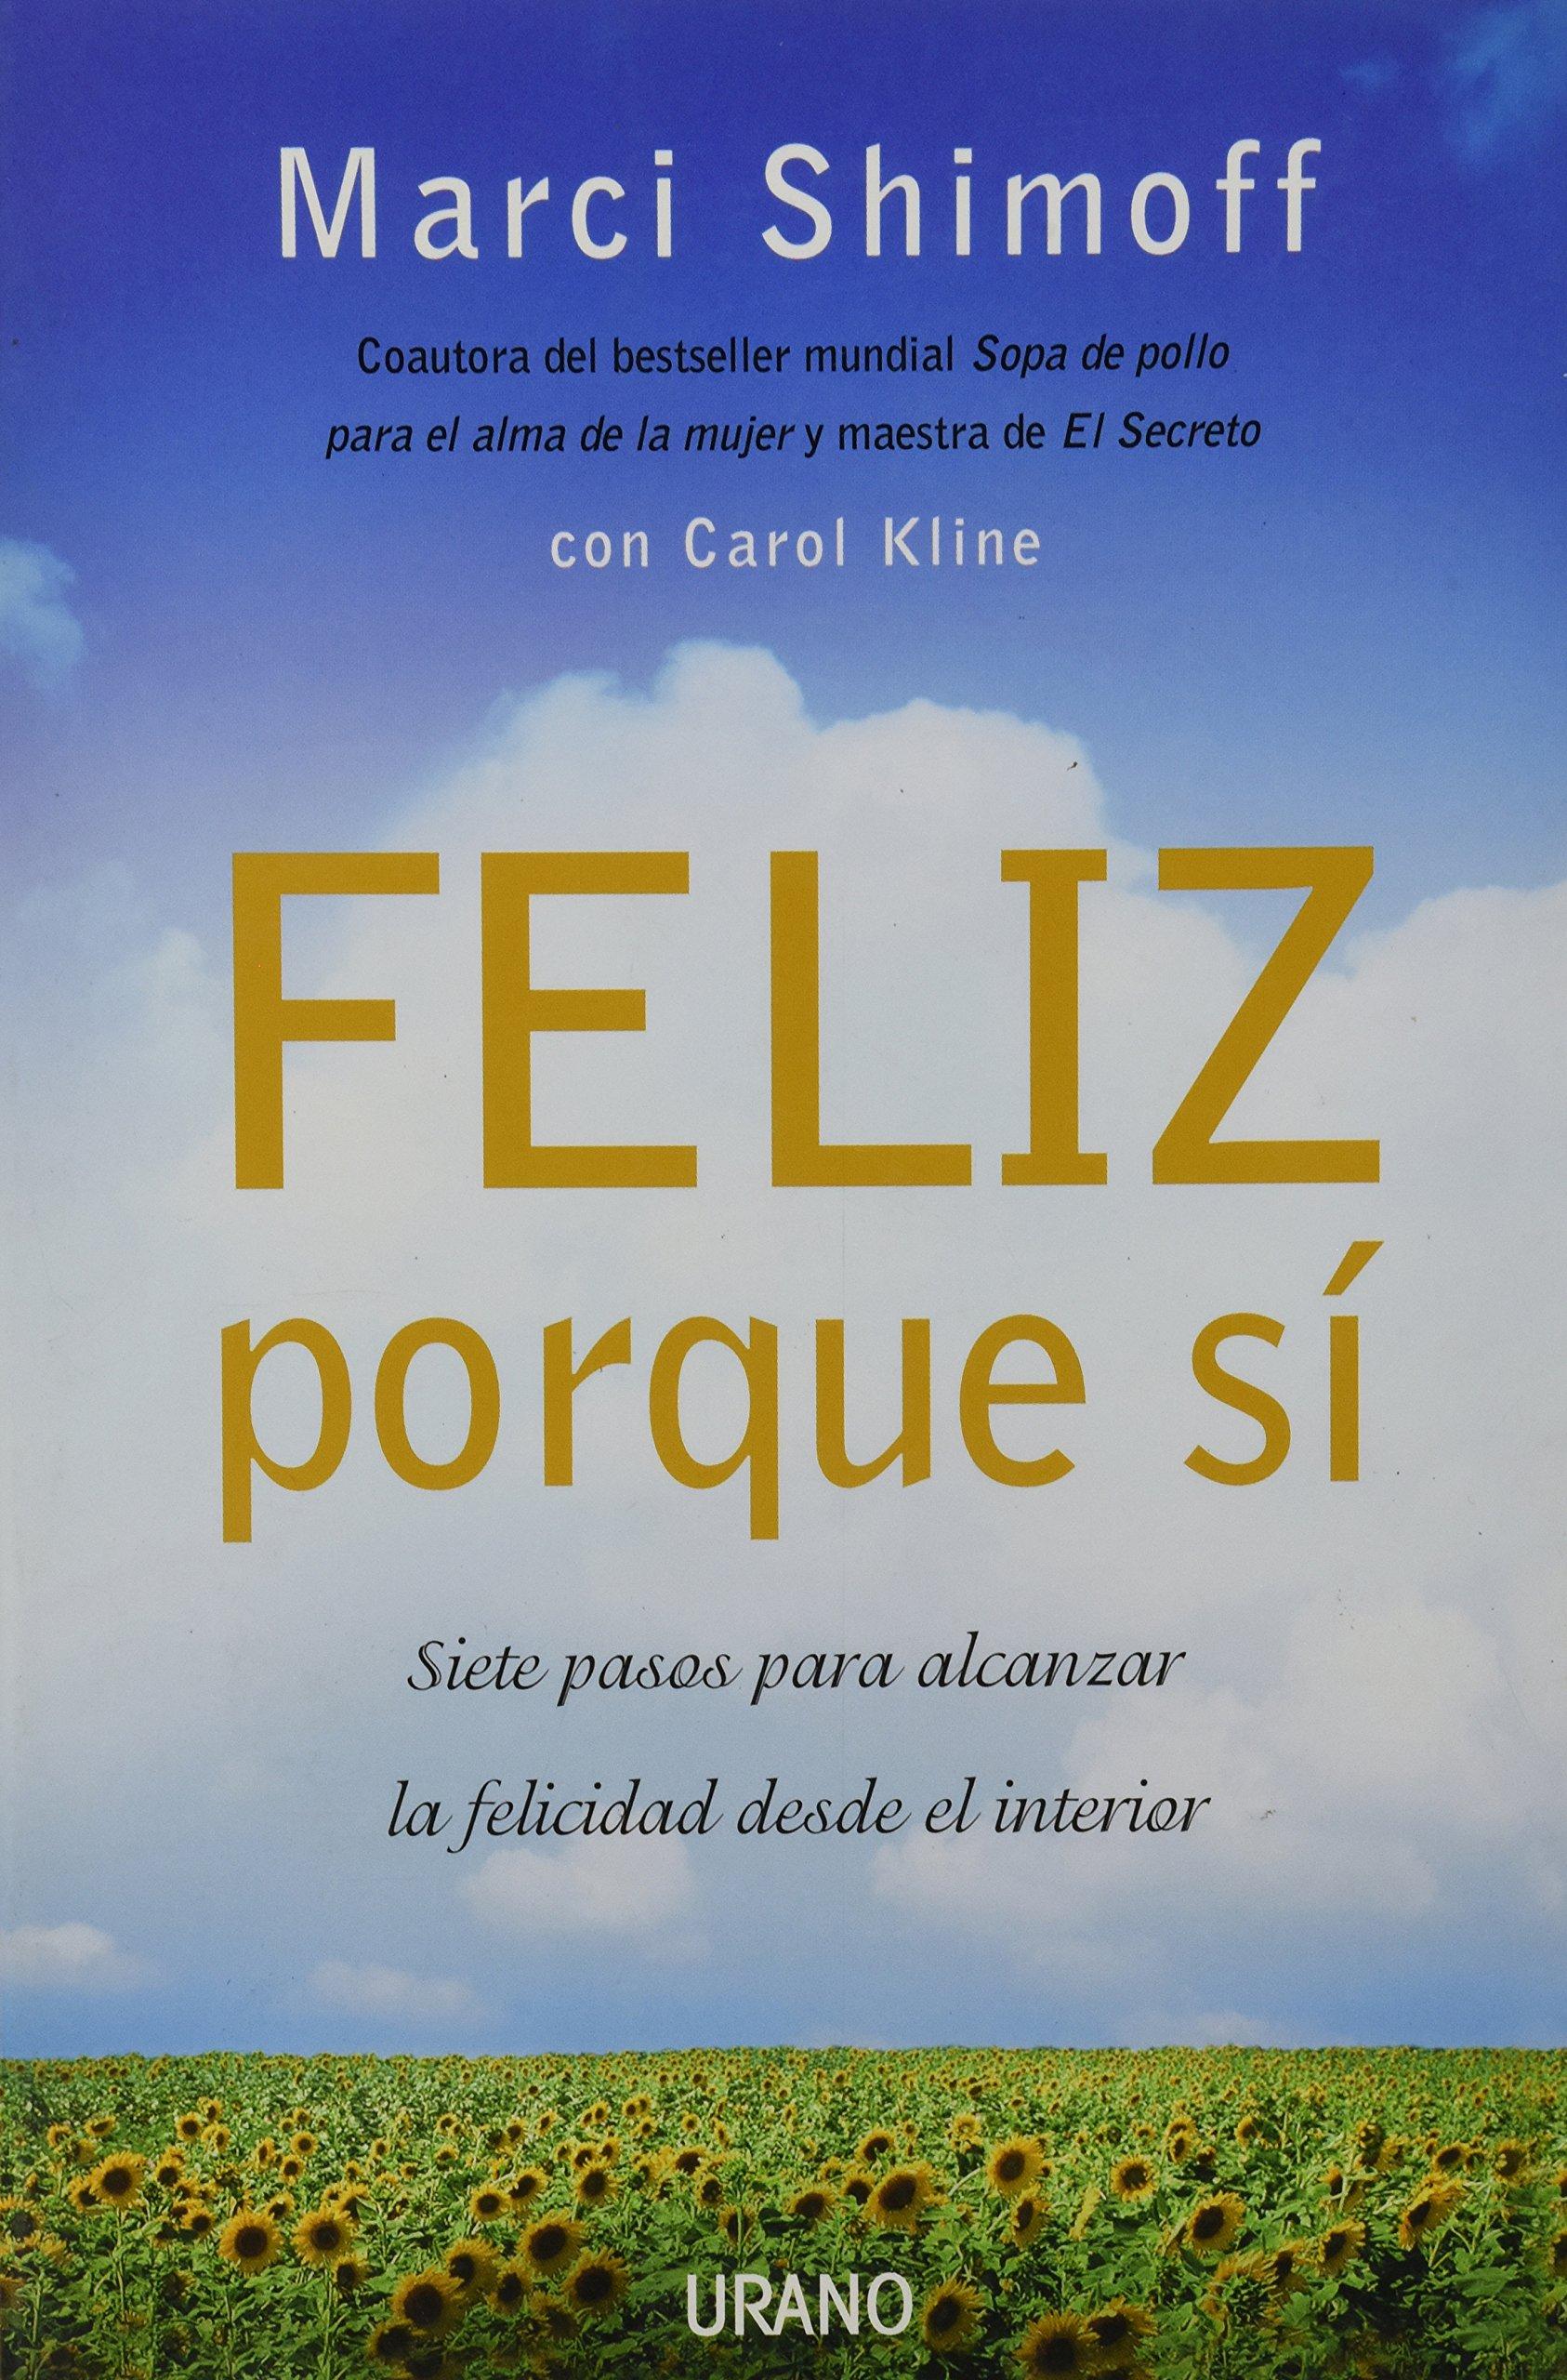 Feliz porque sí (Crecimiento personal): Amazon.es: Marci Shimoff, Carol Kline, Marta Milian i Ariño, Helena Álvarez de la Miyar: Libros